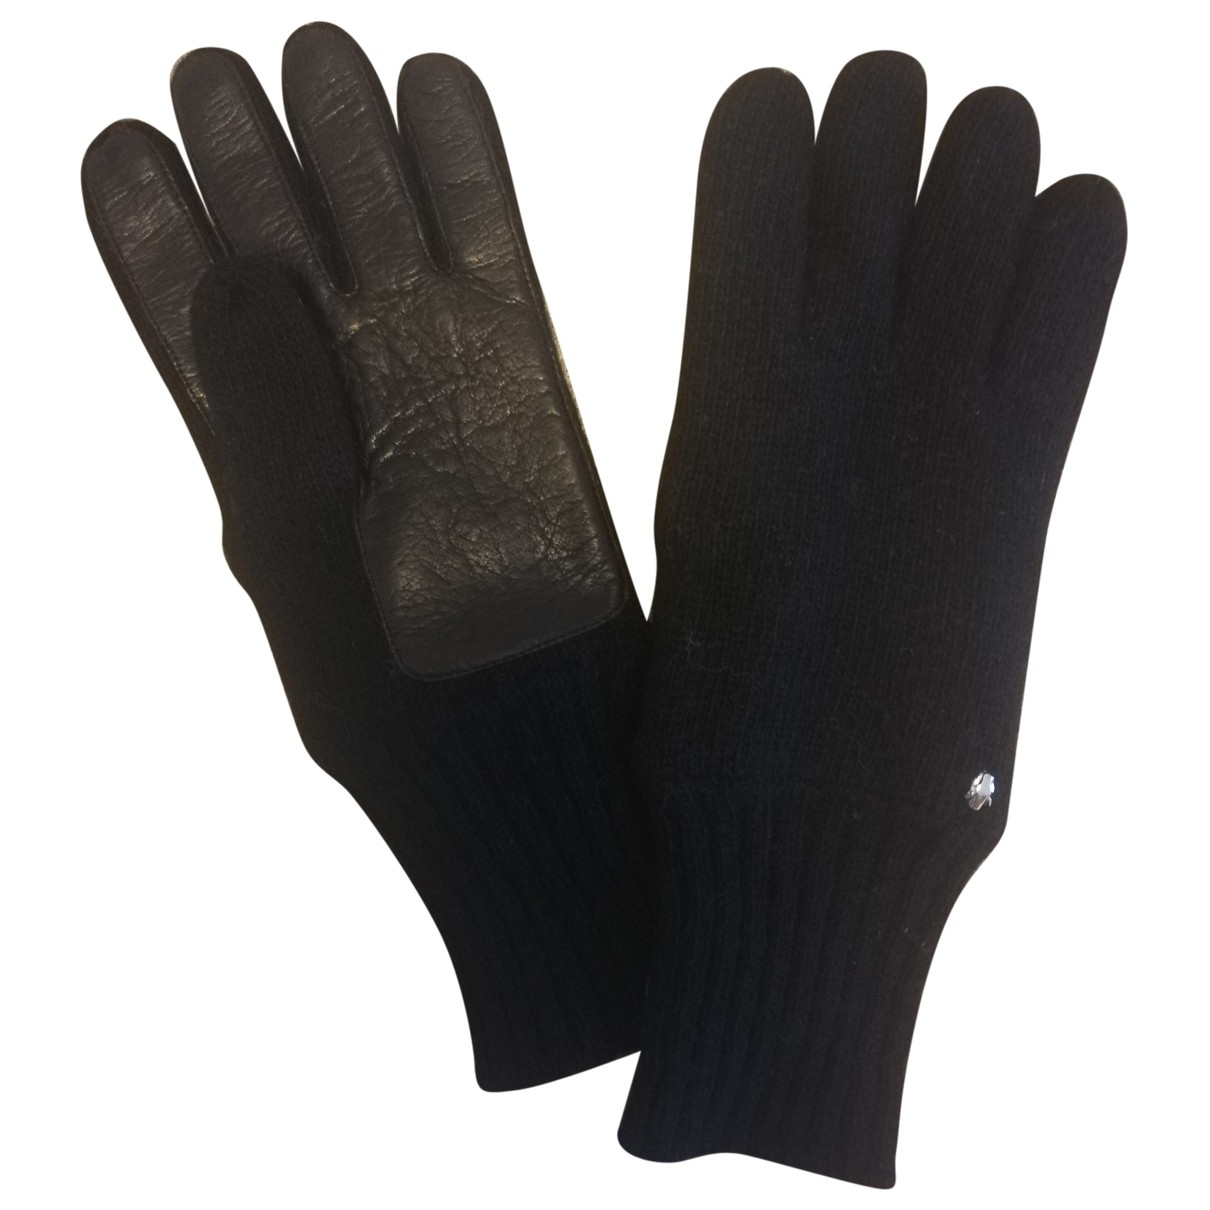 Class Cavalli \N Handschuhe in  Schwarz Wolle